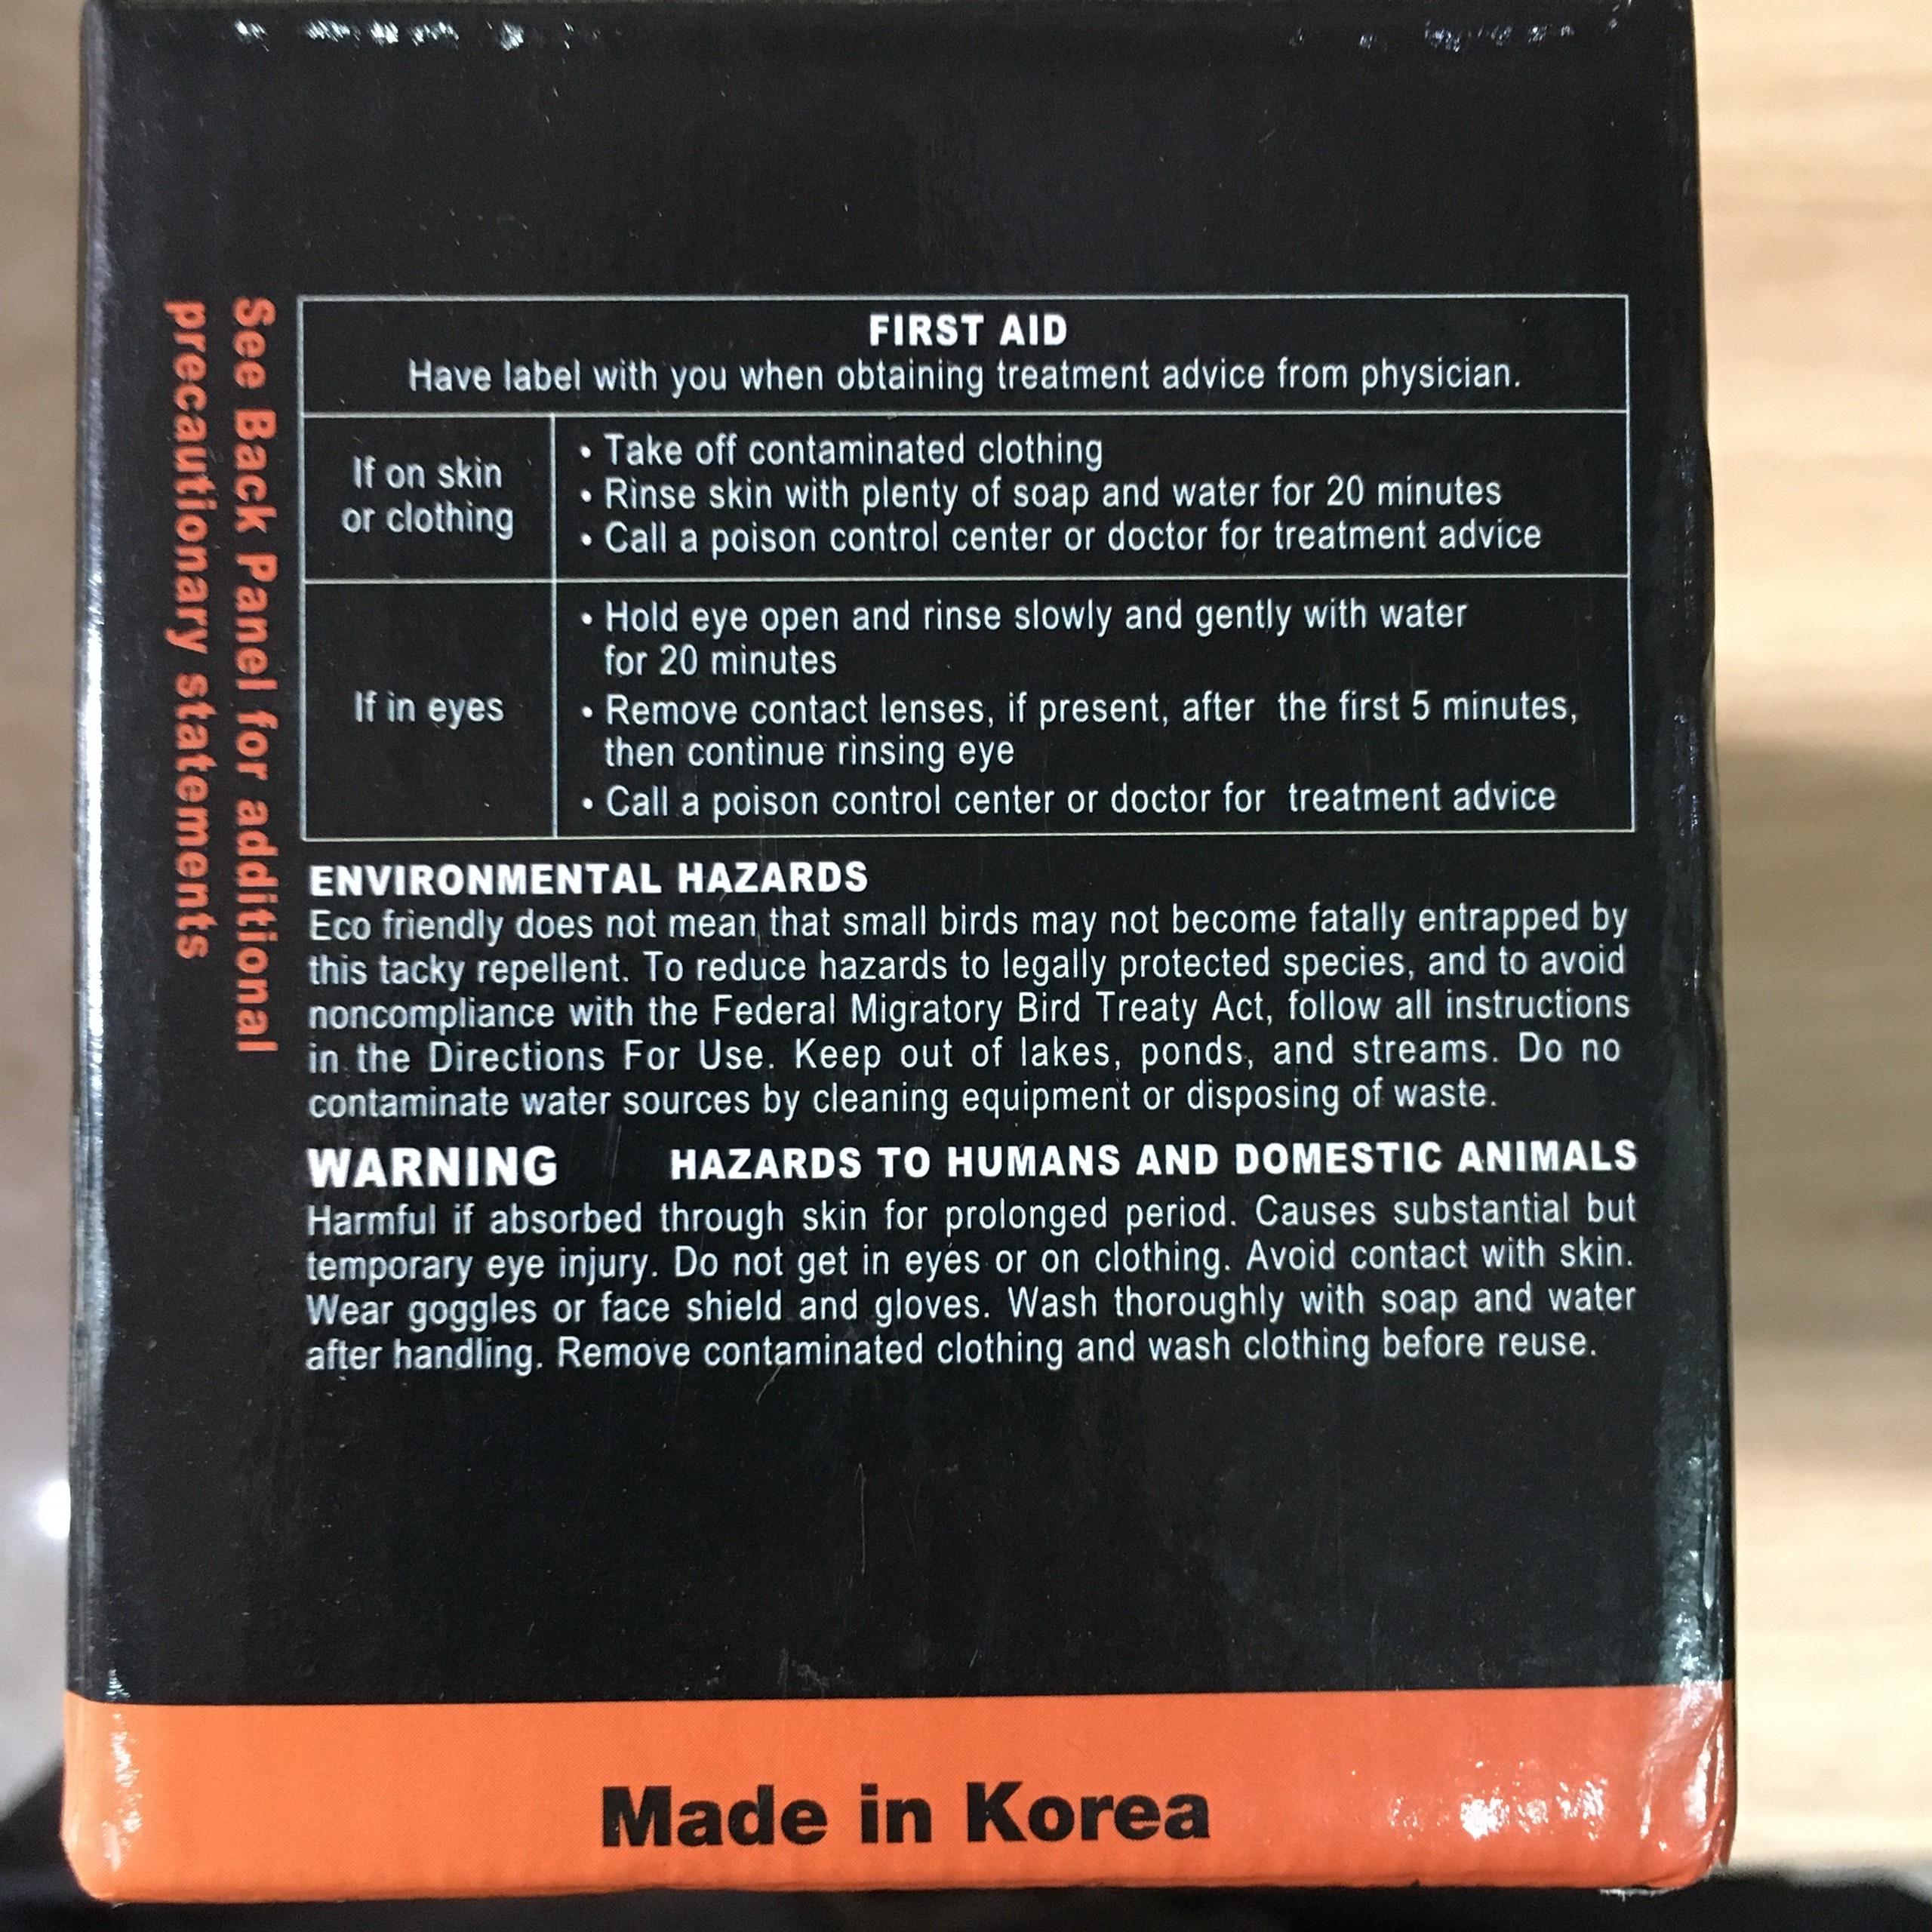 Hộp Gel Đuổi Chim Bồ Câu, Chim Gây hại - Hộp 15 Khay (Hàn Quốc)